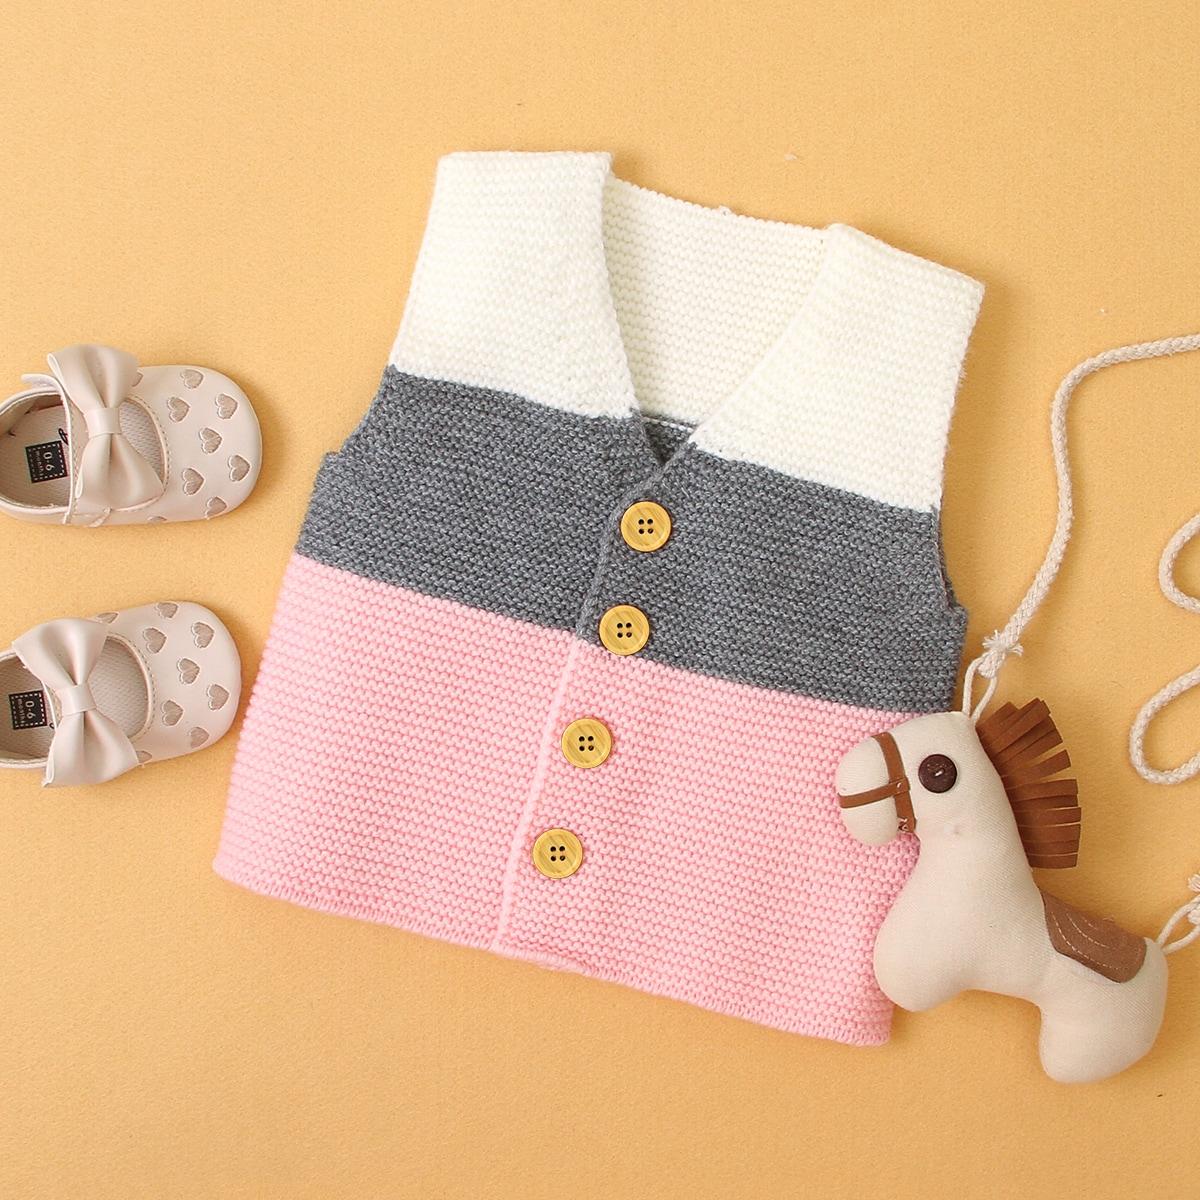 Пуговица контрастный цвет повседневный кардиганы  для малышей